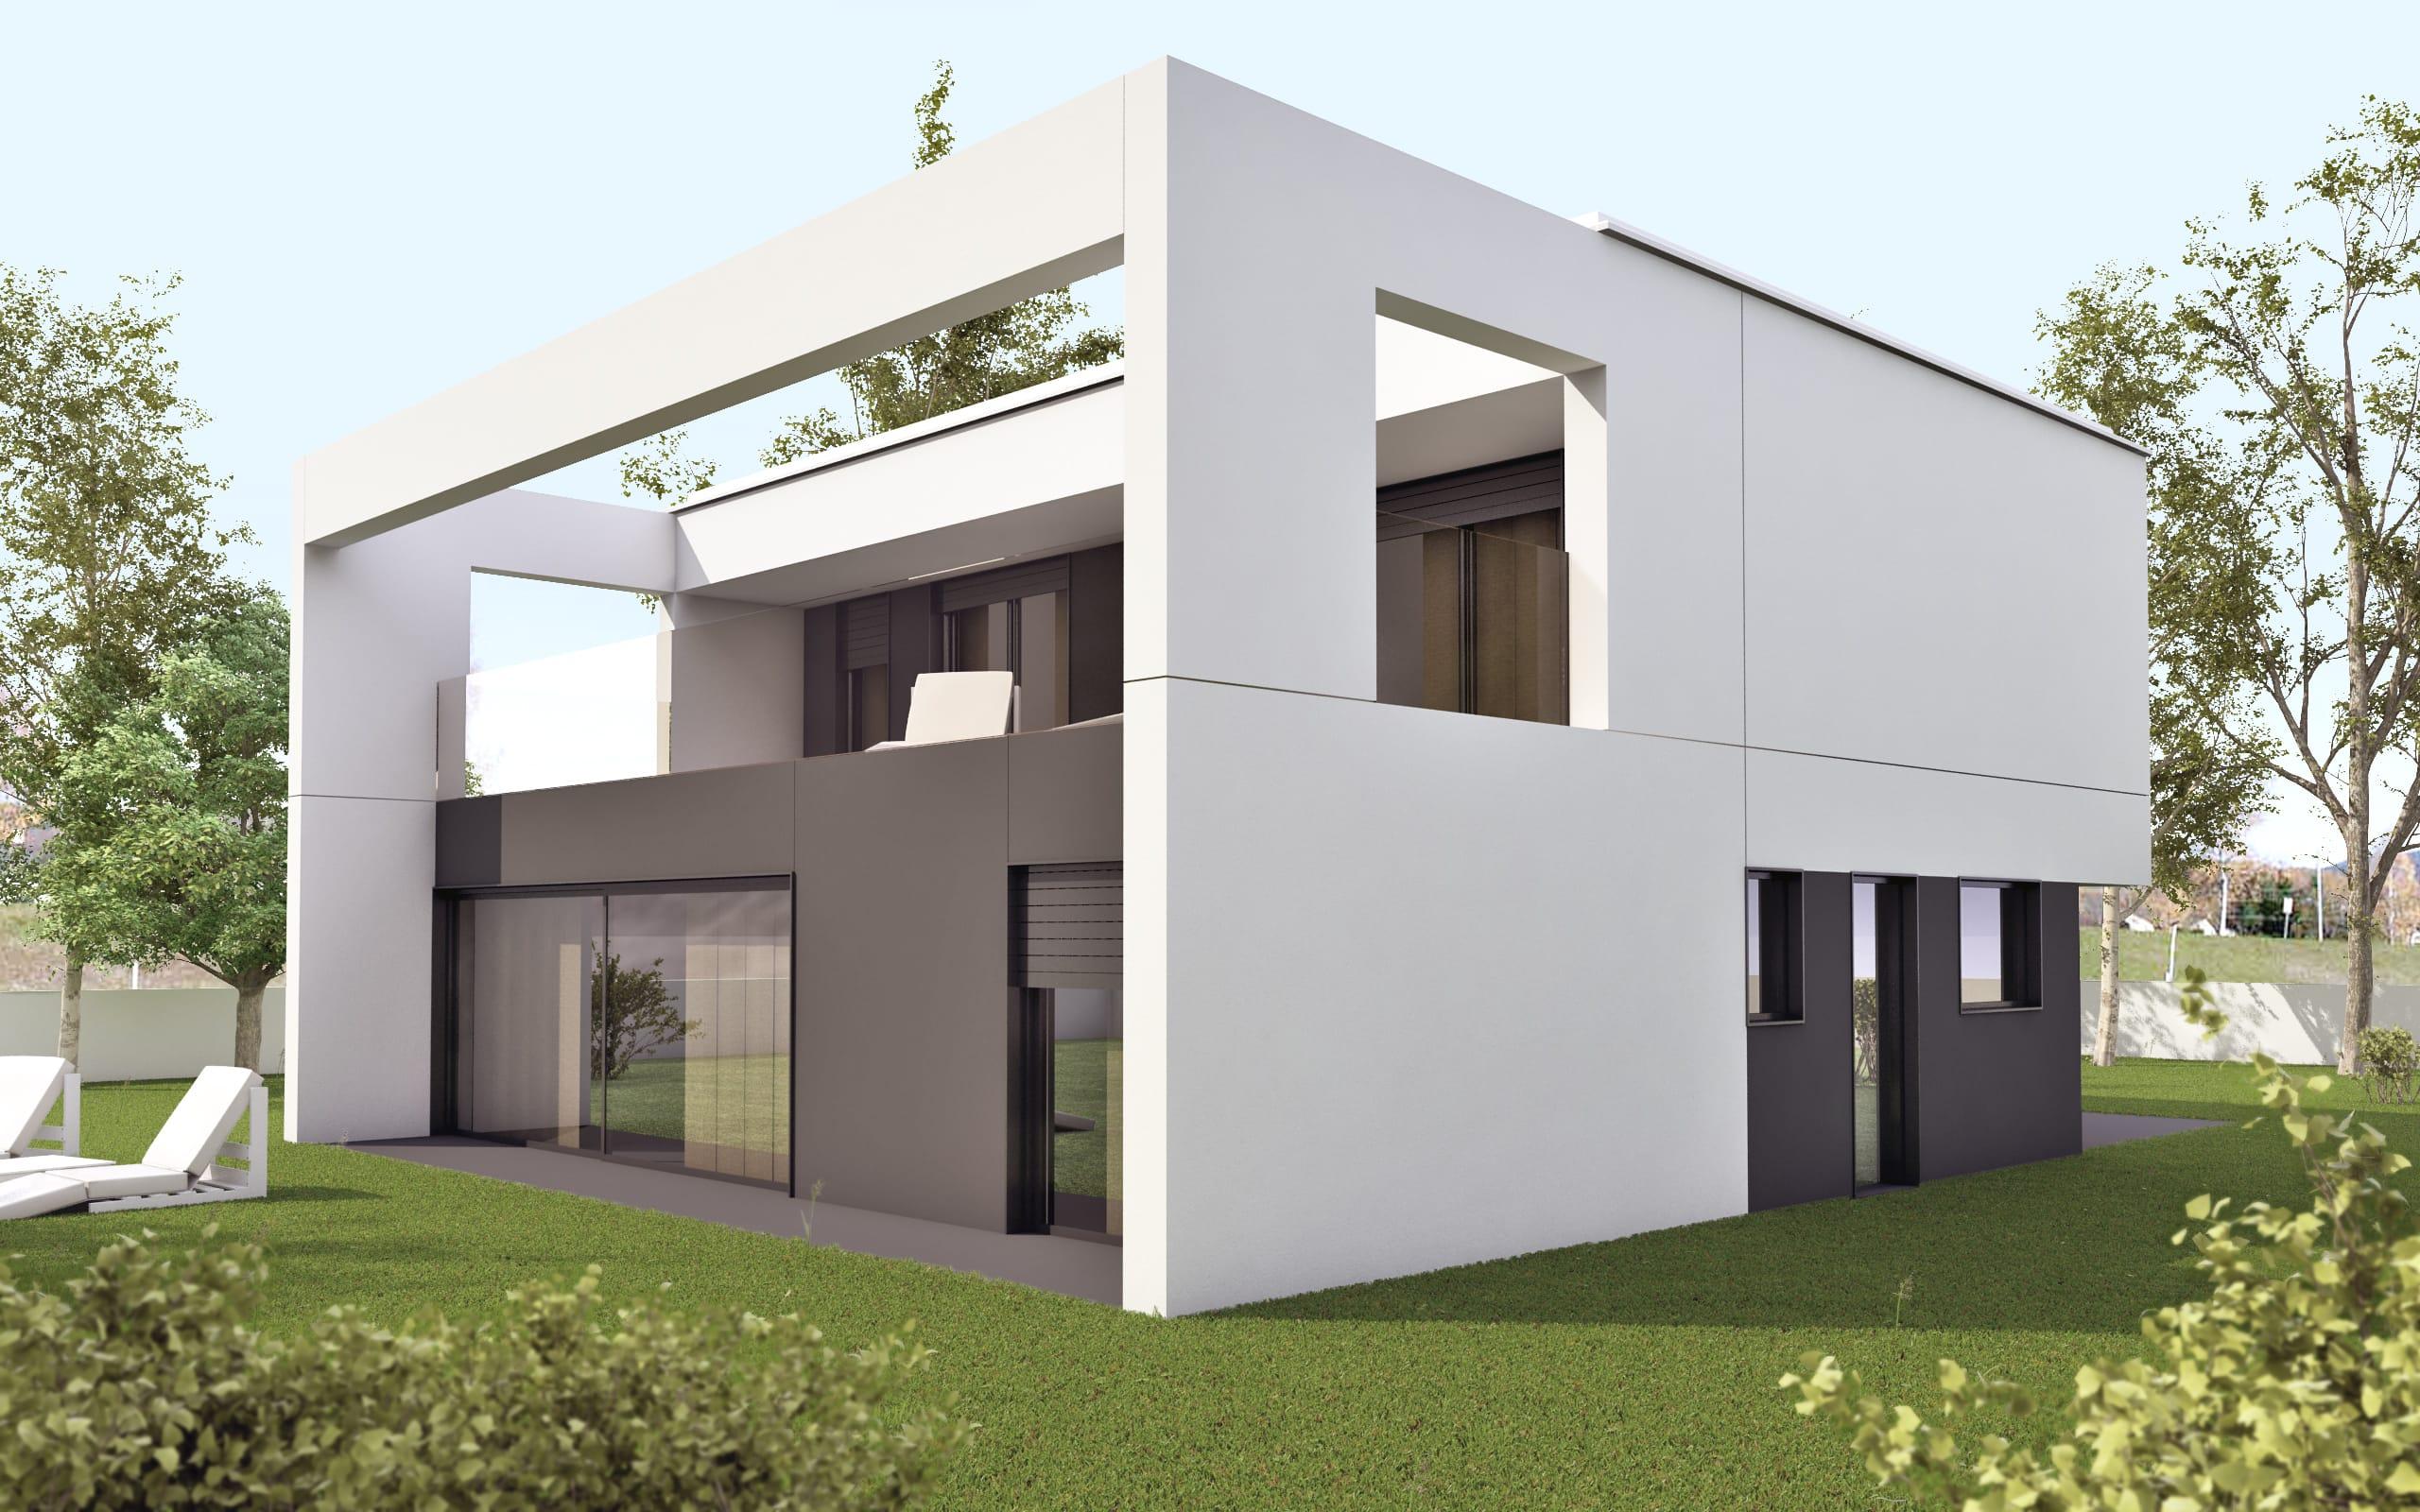 Modelo ht2 vivienda prefabricada en hormig n hormitech - Casas prefabricadas en valladolid ...